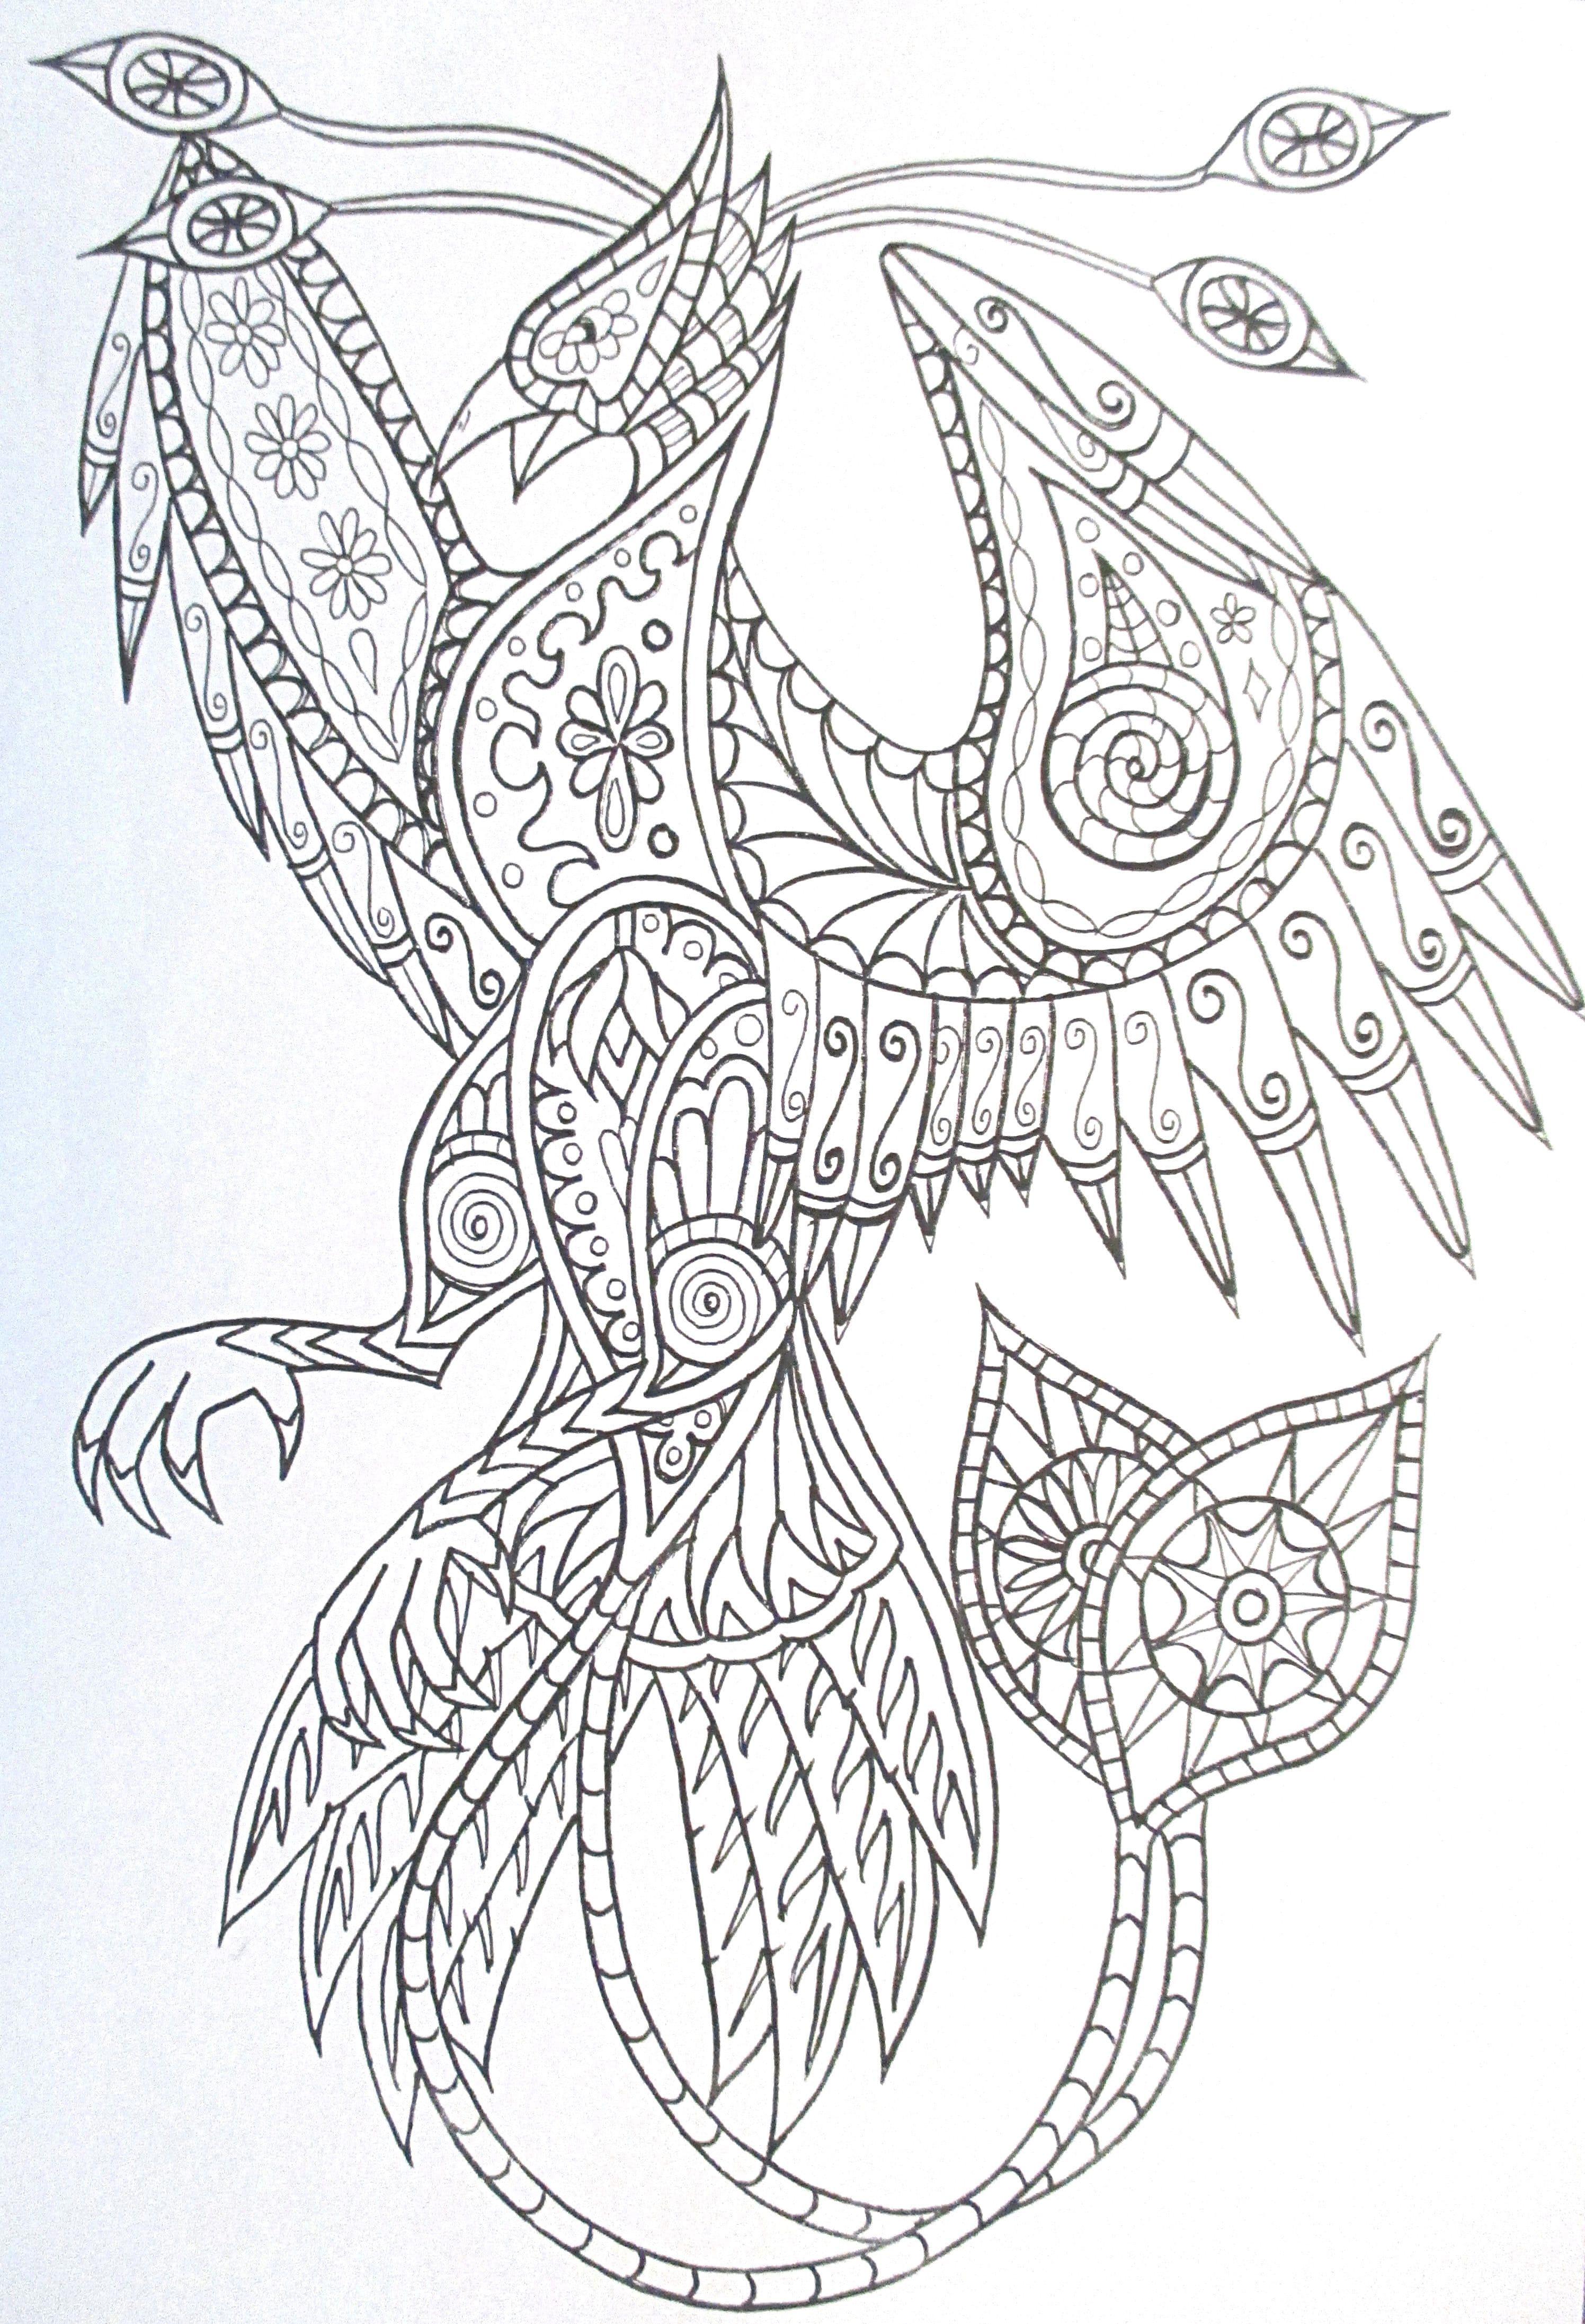 Desenhos de colorir para Adultos. Coloração complexa. Imprimir grátis